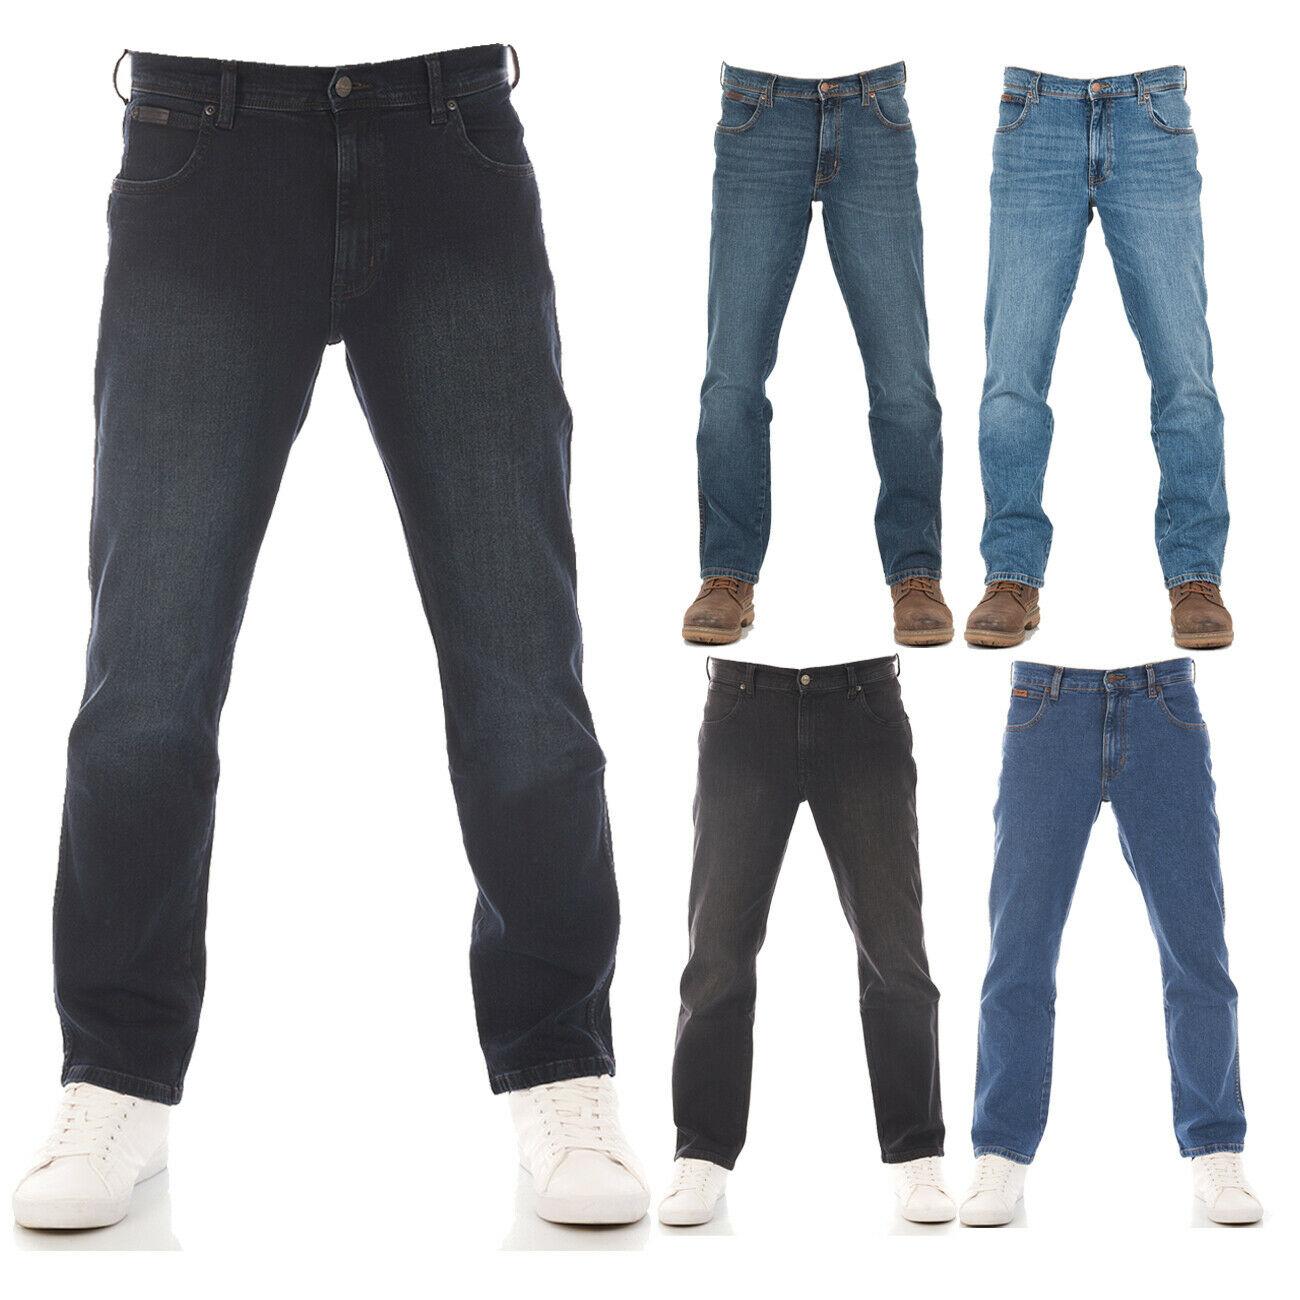 WOW Angebot - Wrangler Texas Stretch - 10% Rabatt auf die 2. Jeans